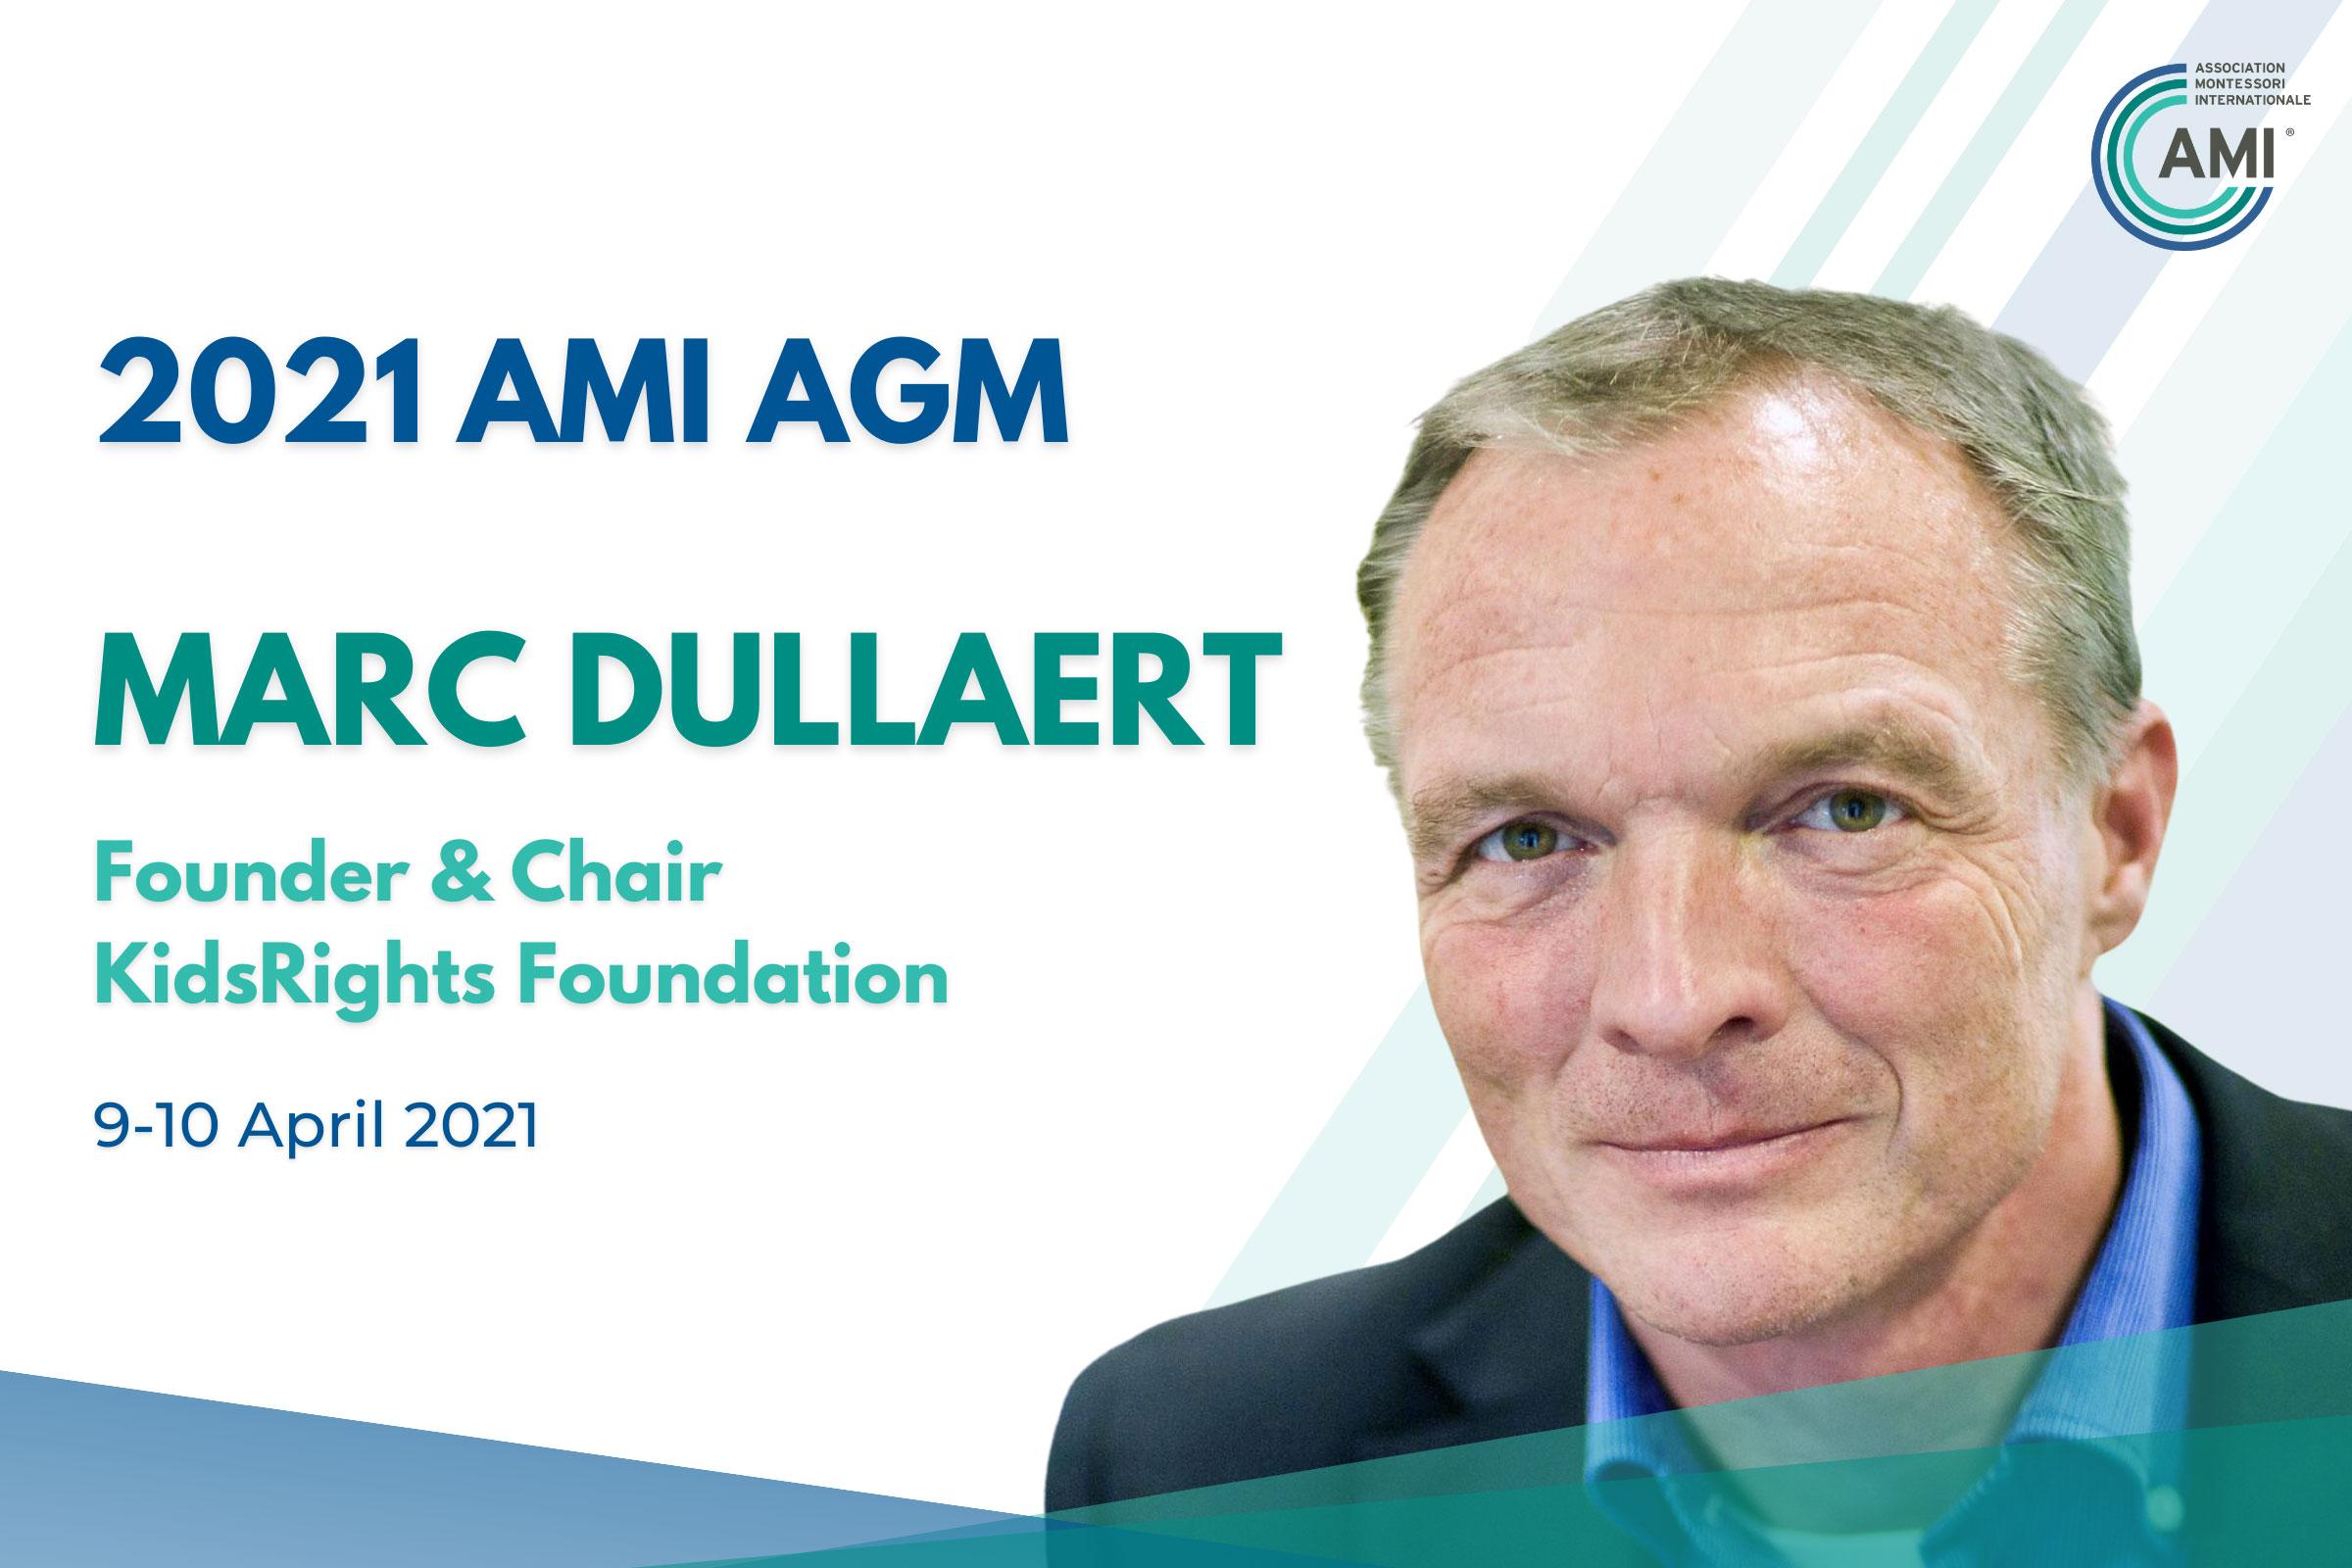 AMI AGM Speaker Marc Dullaert